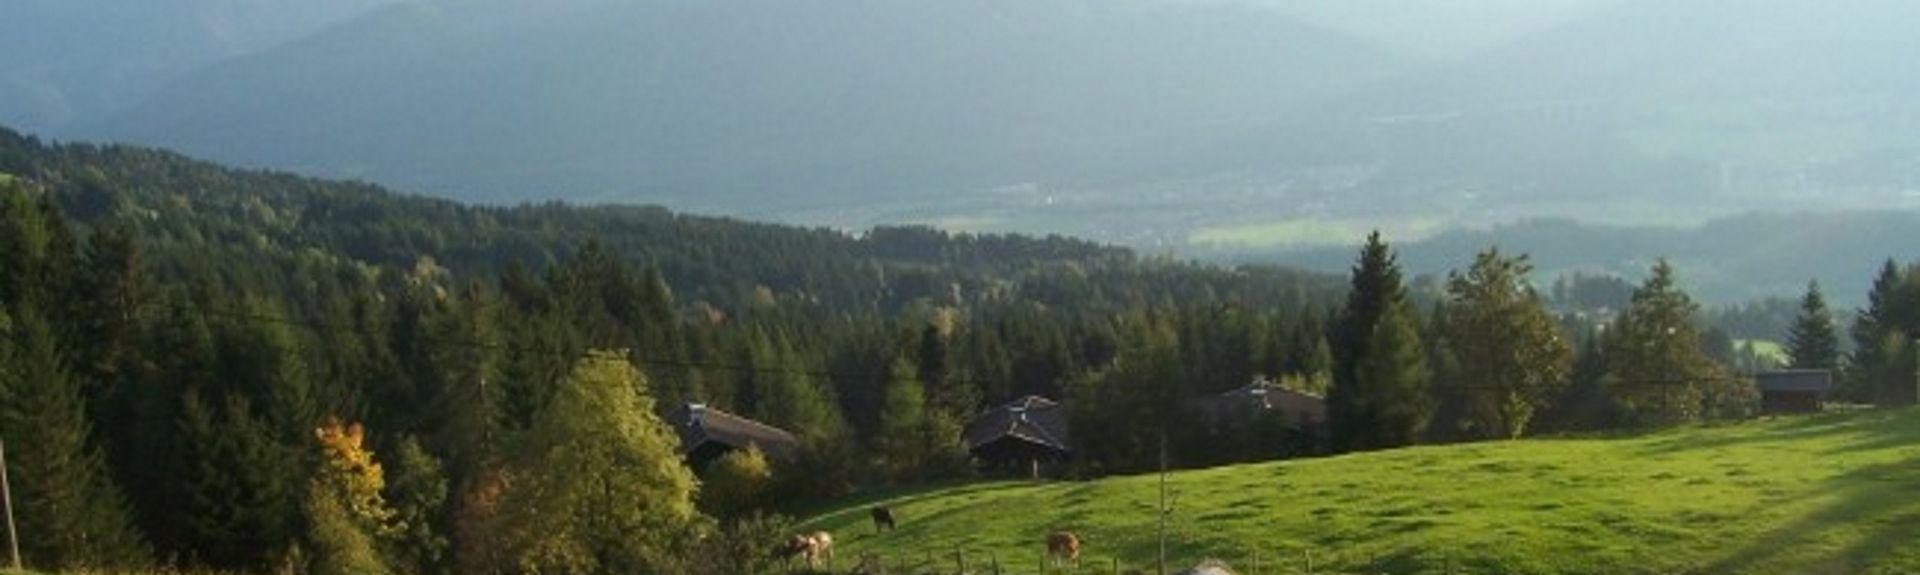 Radenthein, Kärnten, Itävalta